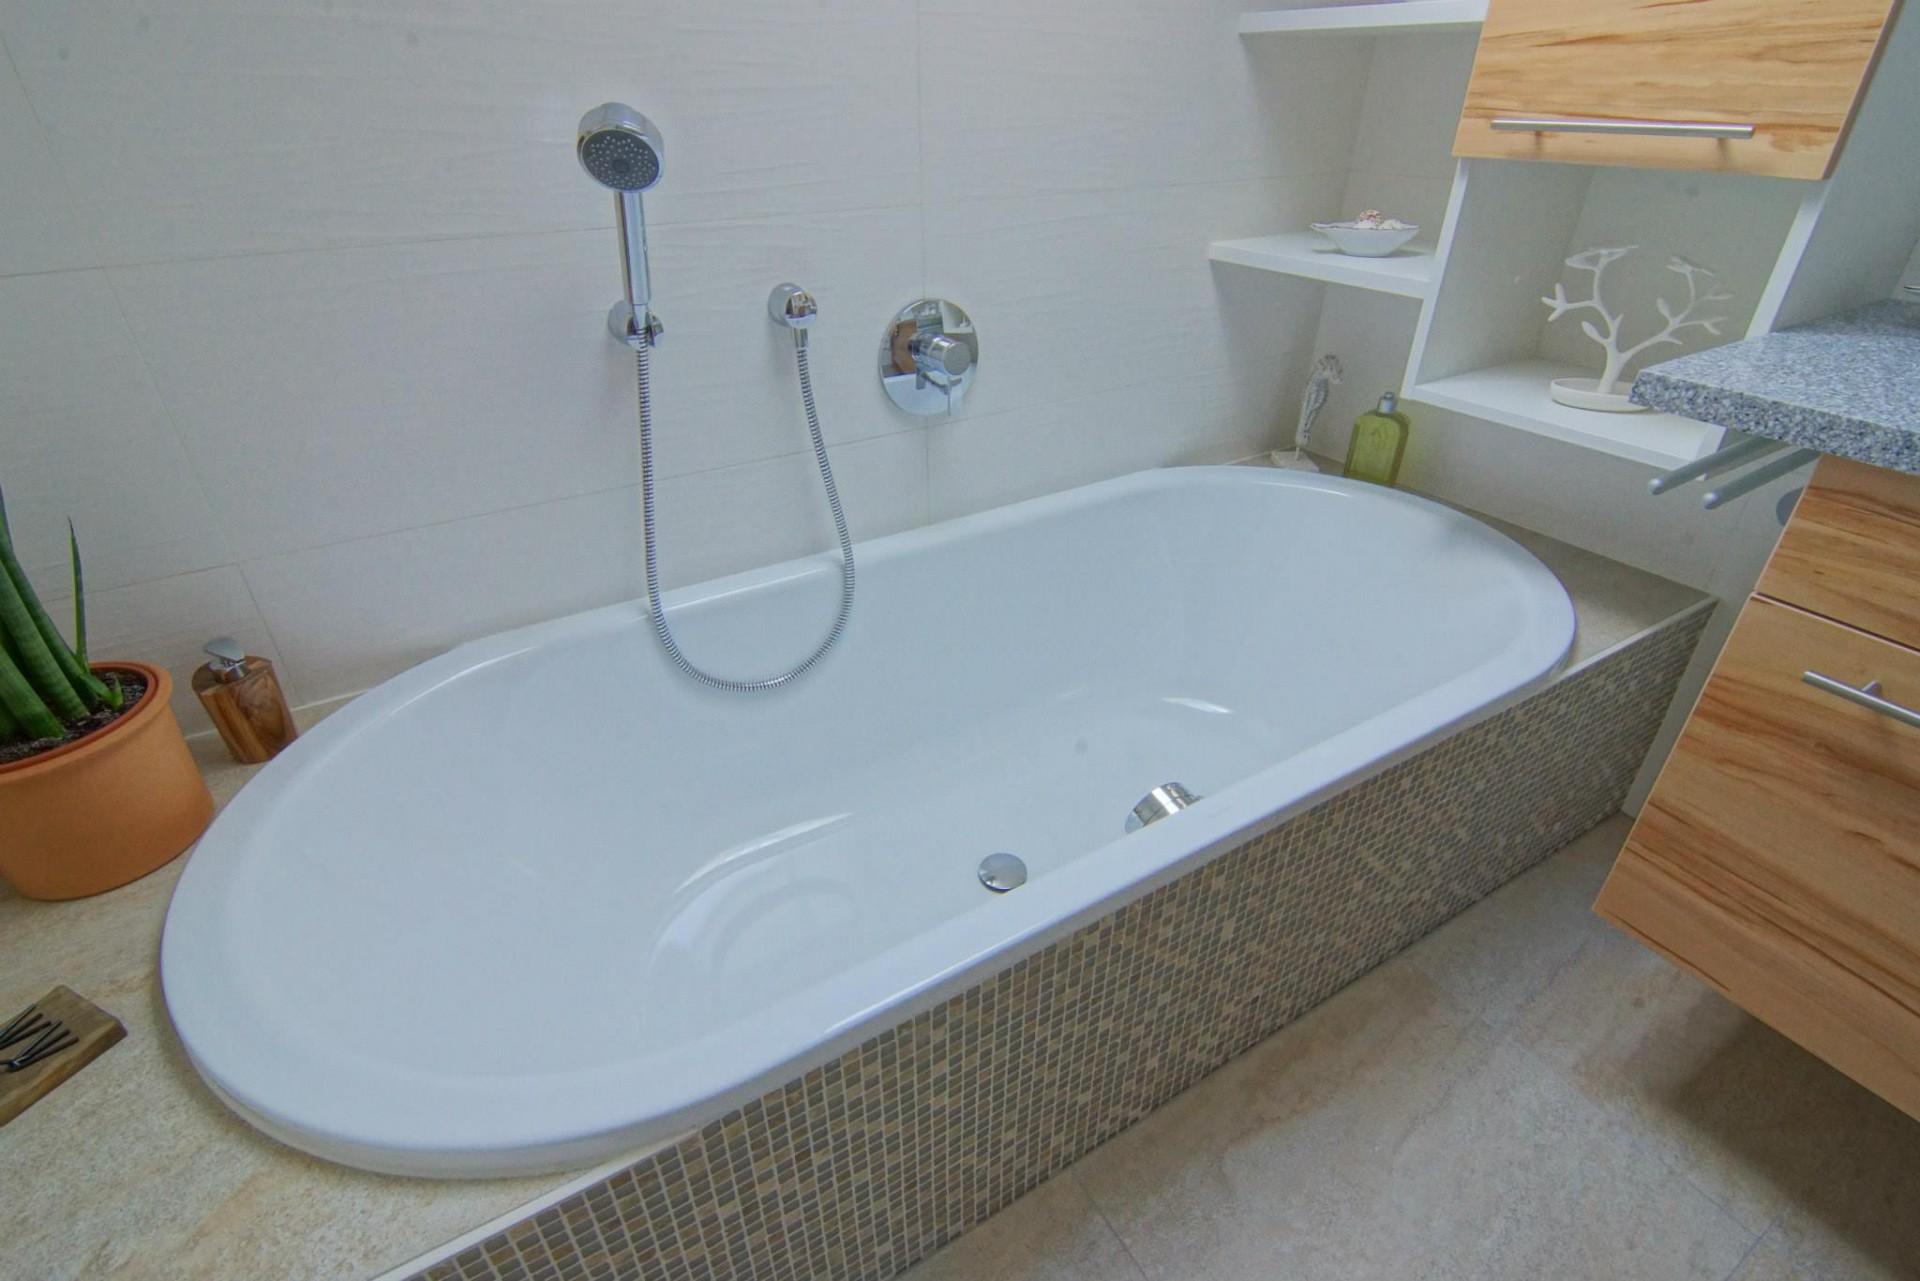 platzsparend ein bad einrichten badezimmer im dach. Black Bedroom Furniture Sets. Home Design Ideas